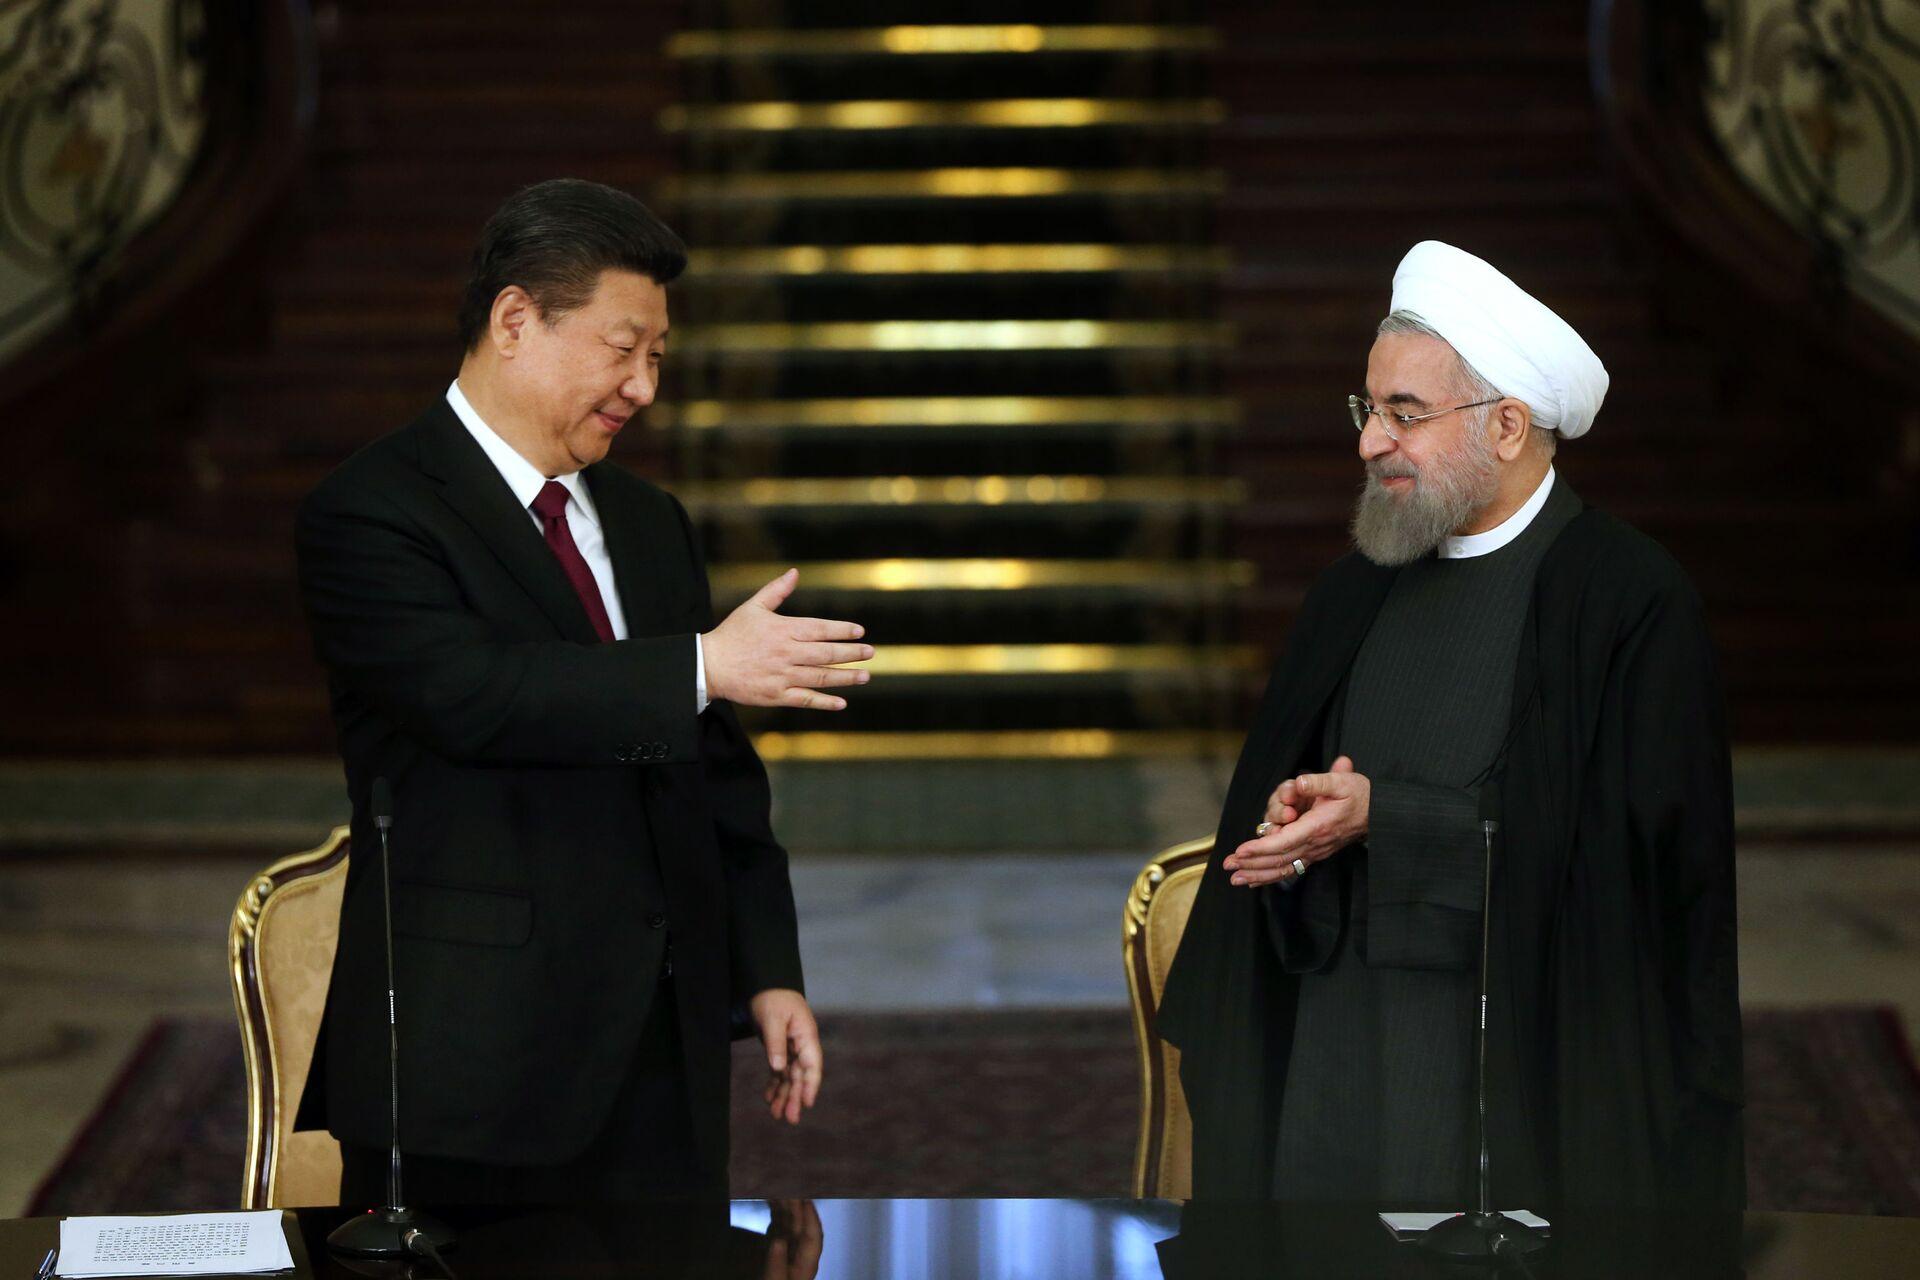 Tại sao người Trung Quốc và người Iran khiến người Mỹ thấy phiền phức, nhưng Nga lại hài lòng - Sputnik Việt Nam, 1920, 30.03.2021